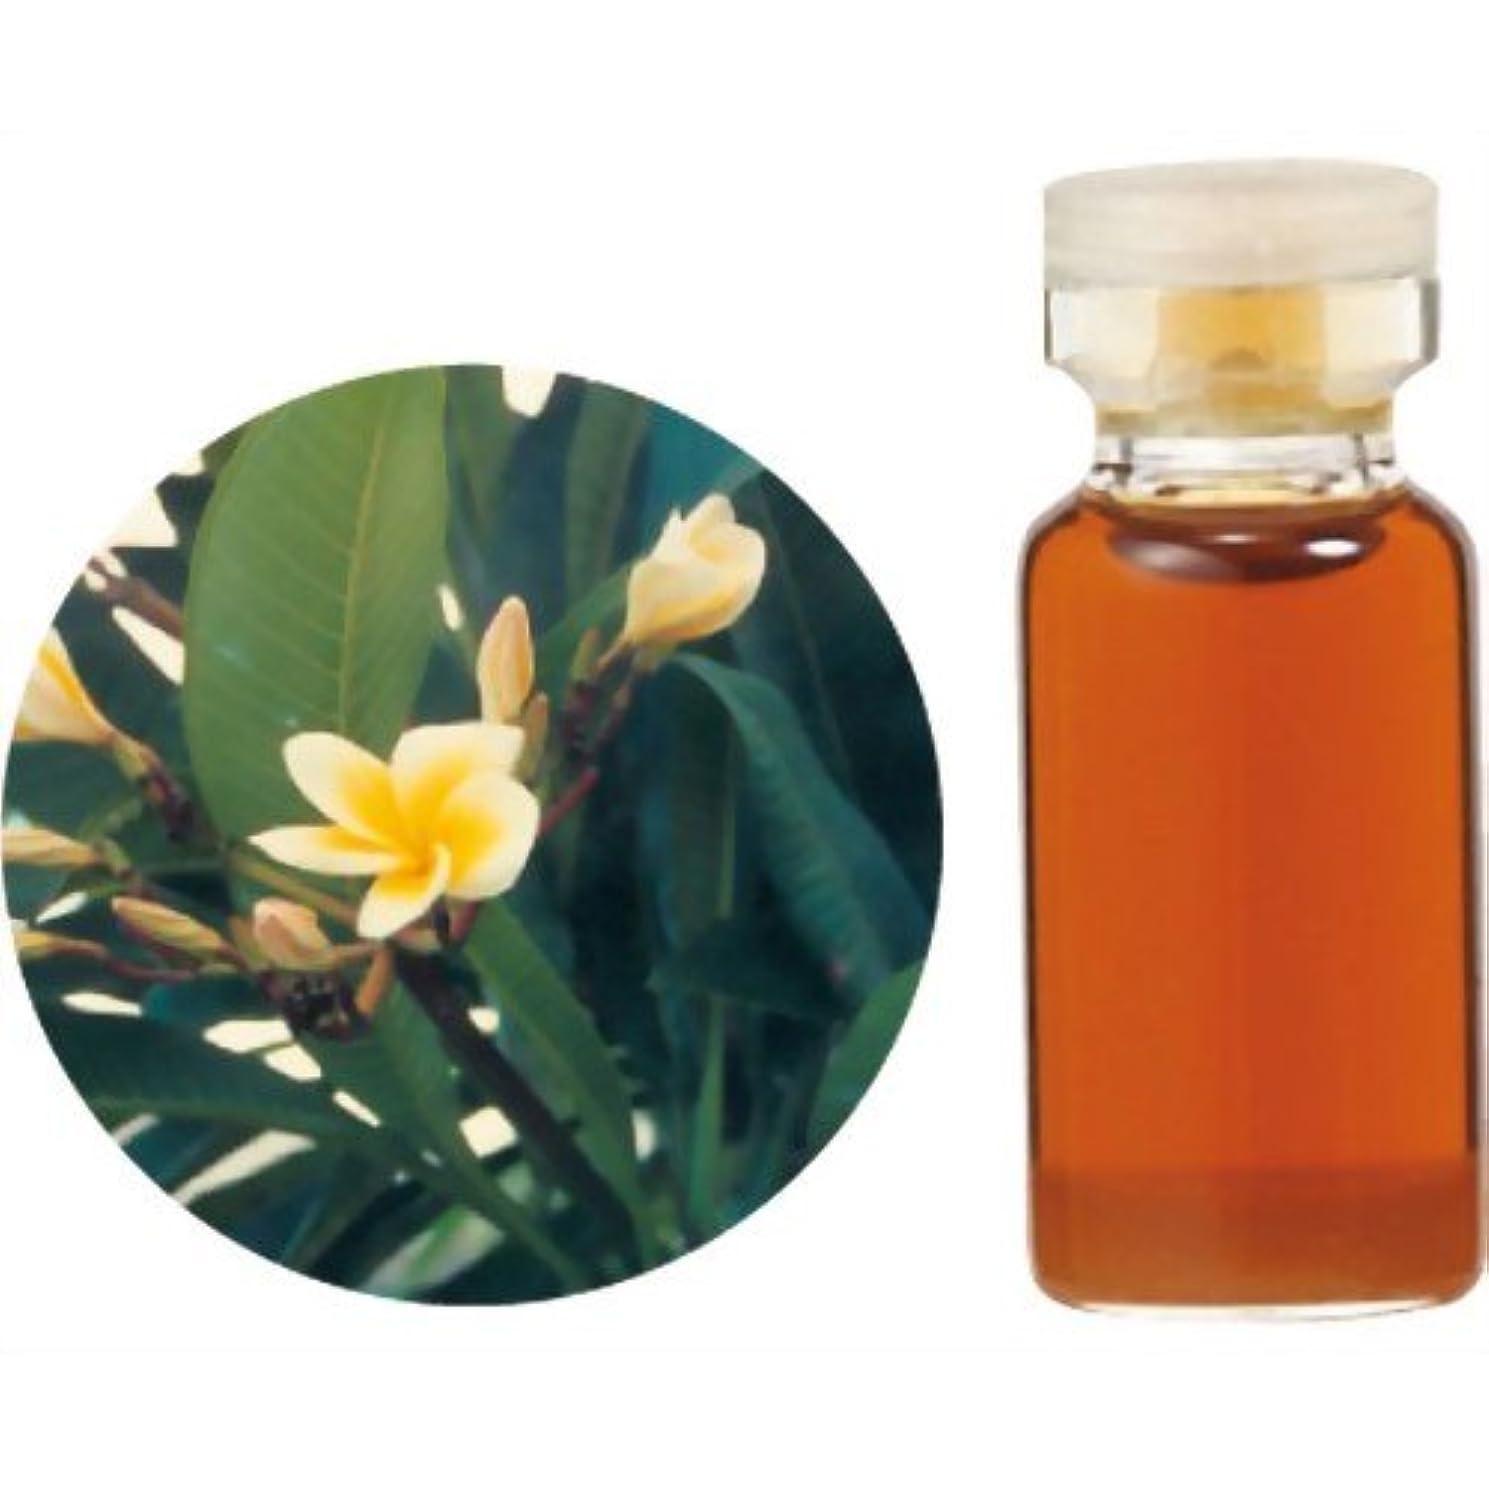 オーバーフローフェミニン書き込み生活の木 C 花精油 フランジュパニ アブソリュート (25%希釈) エッセンシャルオイル 3ml